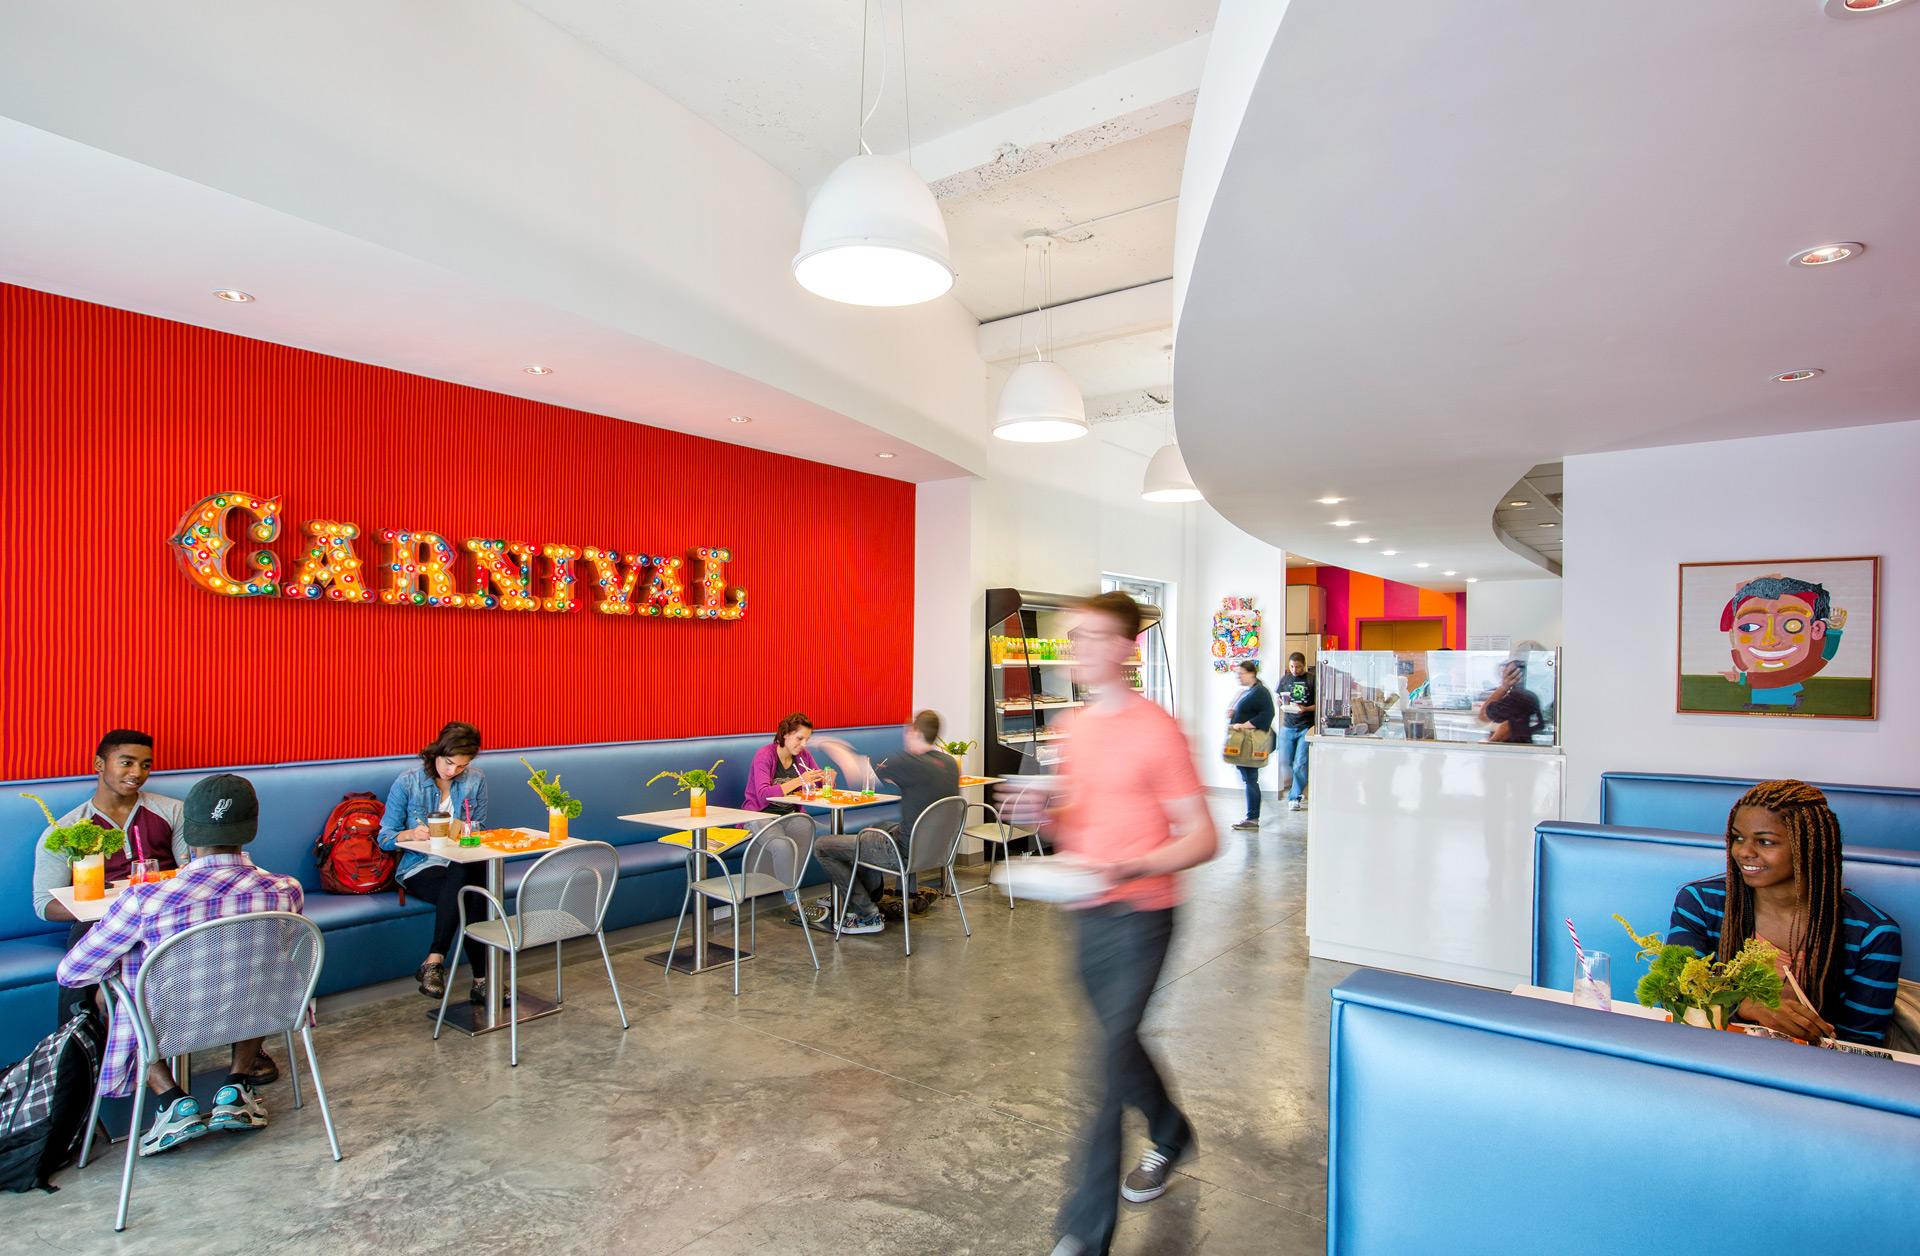 Carnival interior